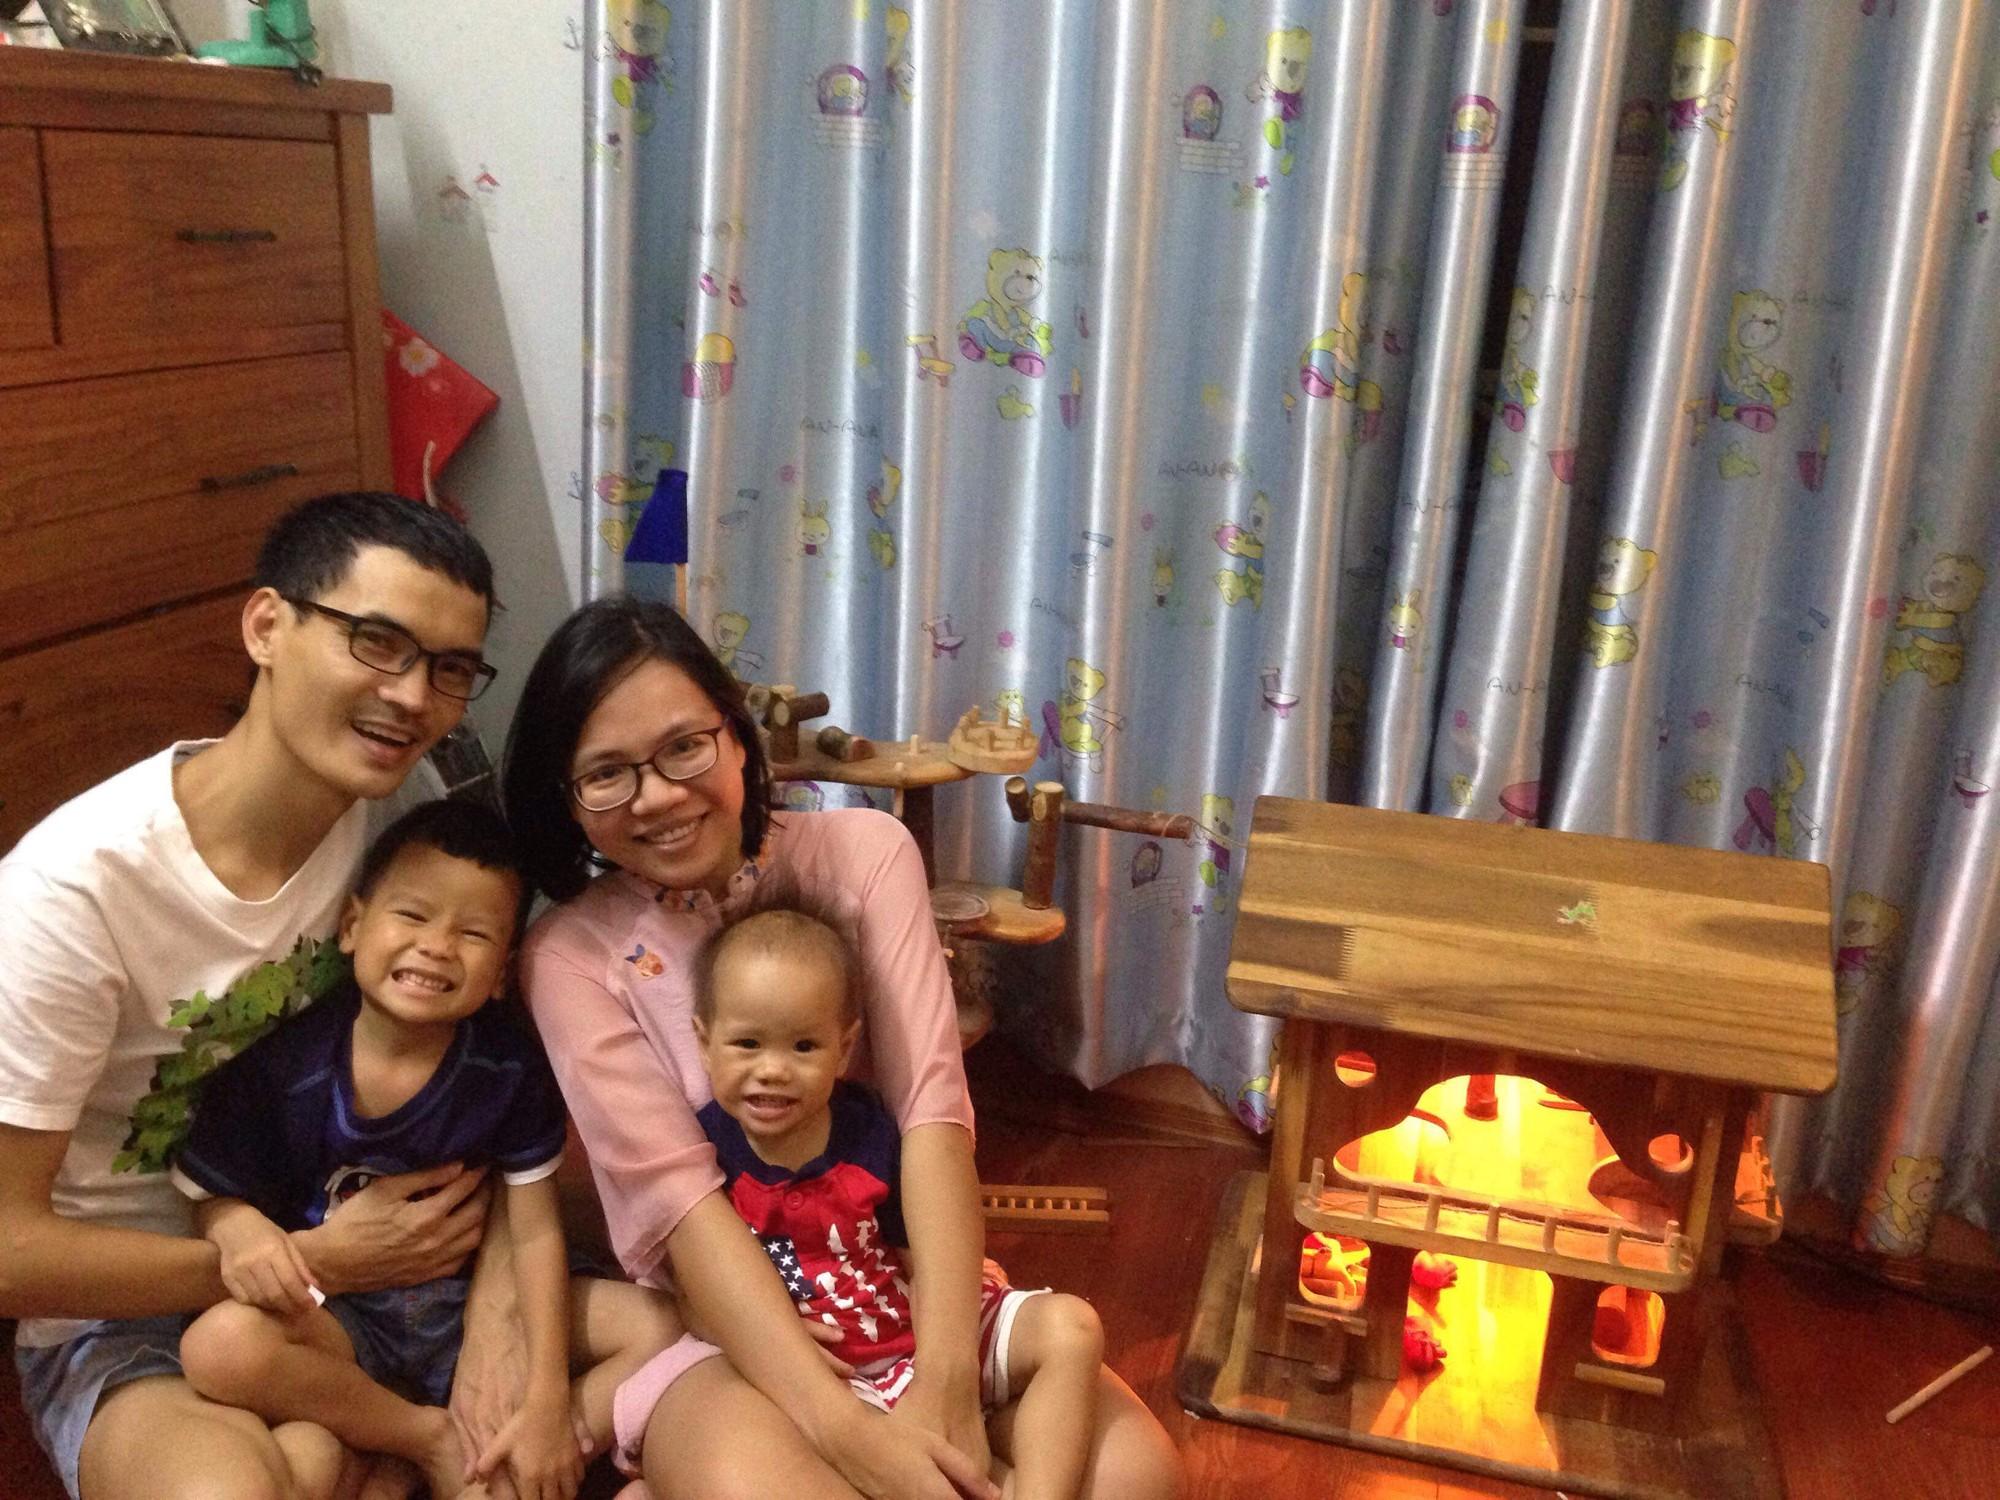 Mẹ Việt chia sẻ bí quyết dành 2 tiếng mỗi ngày cho con bú mẹ trực tiếp để nuôi bú song song hai con 4 tuổi và 20 tháng - Ảnh 3.